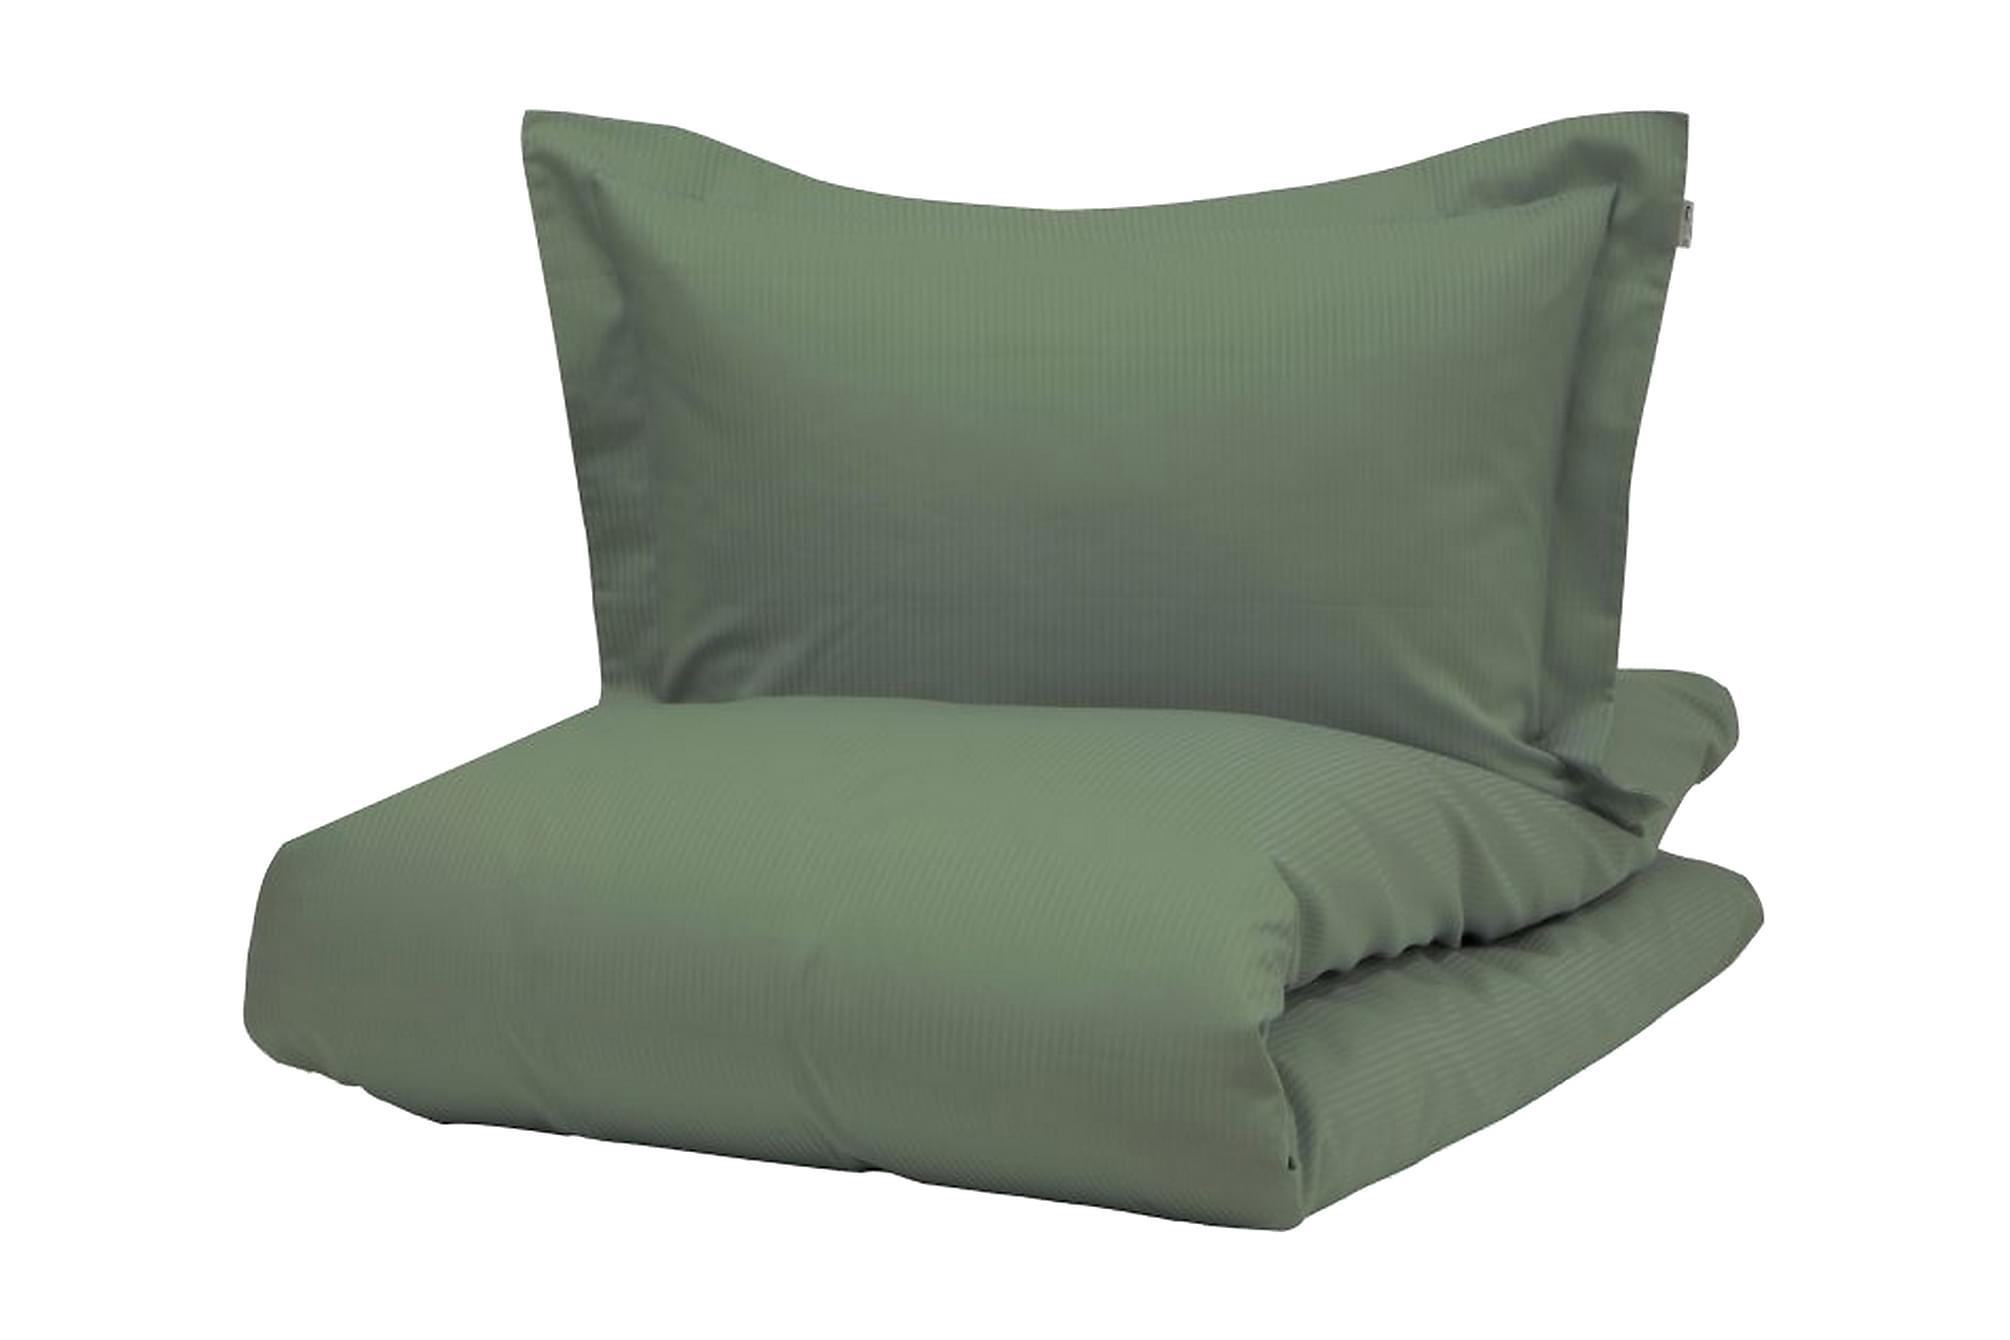 ALDERNEY Bäddset 220x230 cm Satin Mörkgrön, Sängkläder